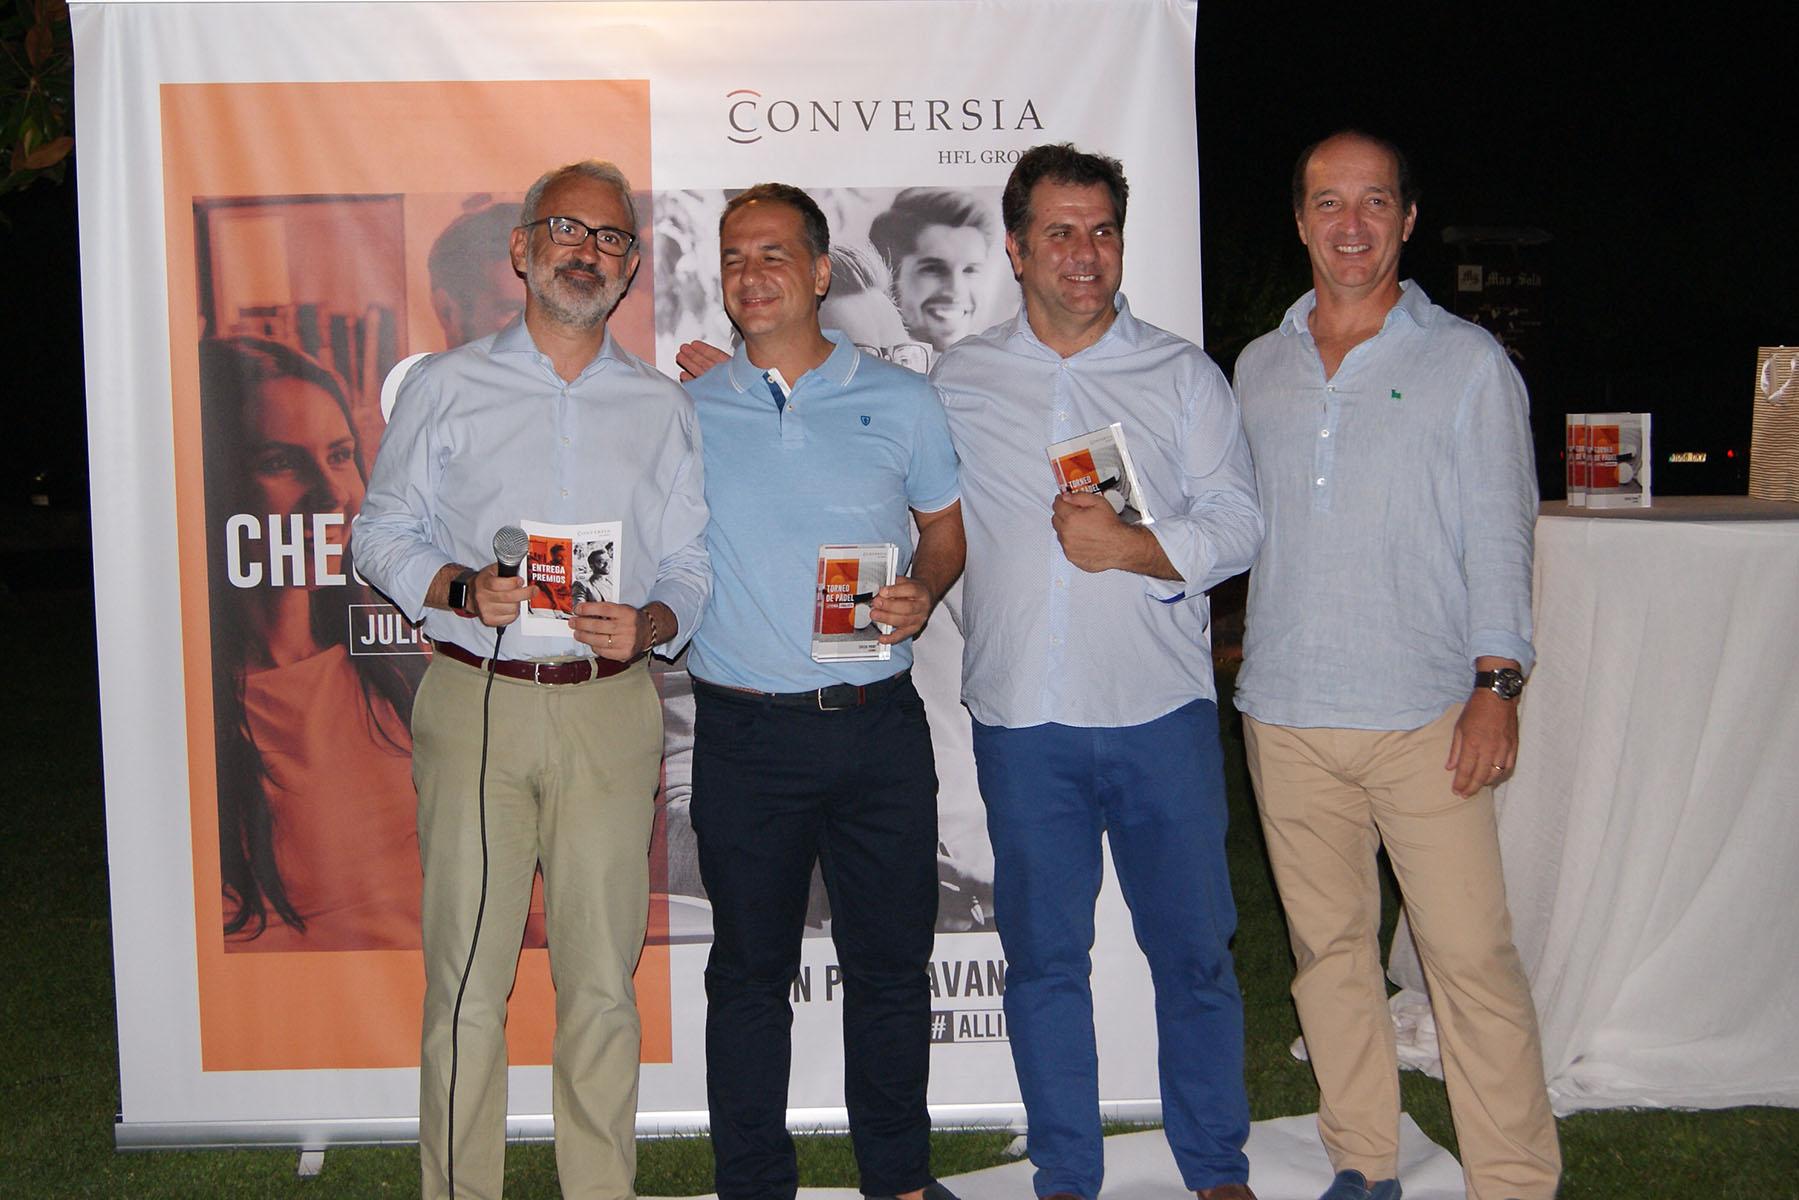 Los finalistas del Torneo Leyendas, Felipe Jiménez y Alfonso Buhigas, reciben el trofeo de manos de Augusto Carmona, Consejero Delegado del Grupo HFL y de Alfonso Corral, Director General de Conversia.